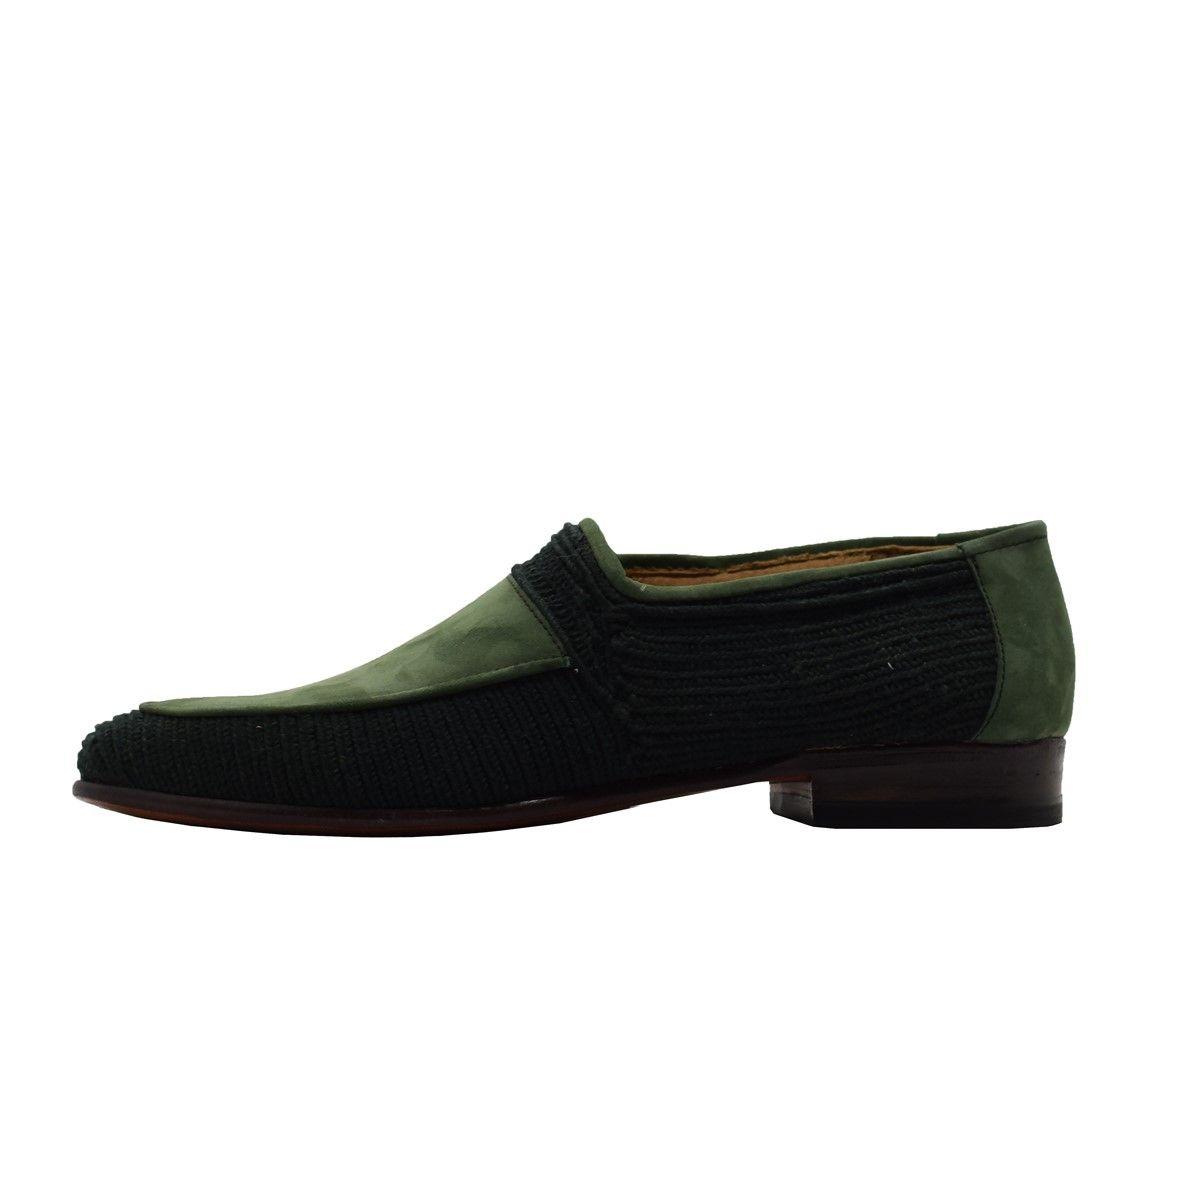 کفش زنانه دگرمان مدل آبان کد deg.1ab1003 -  - 2